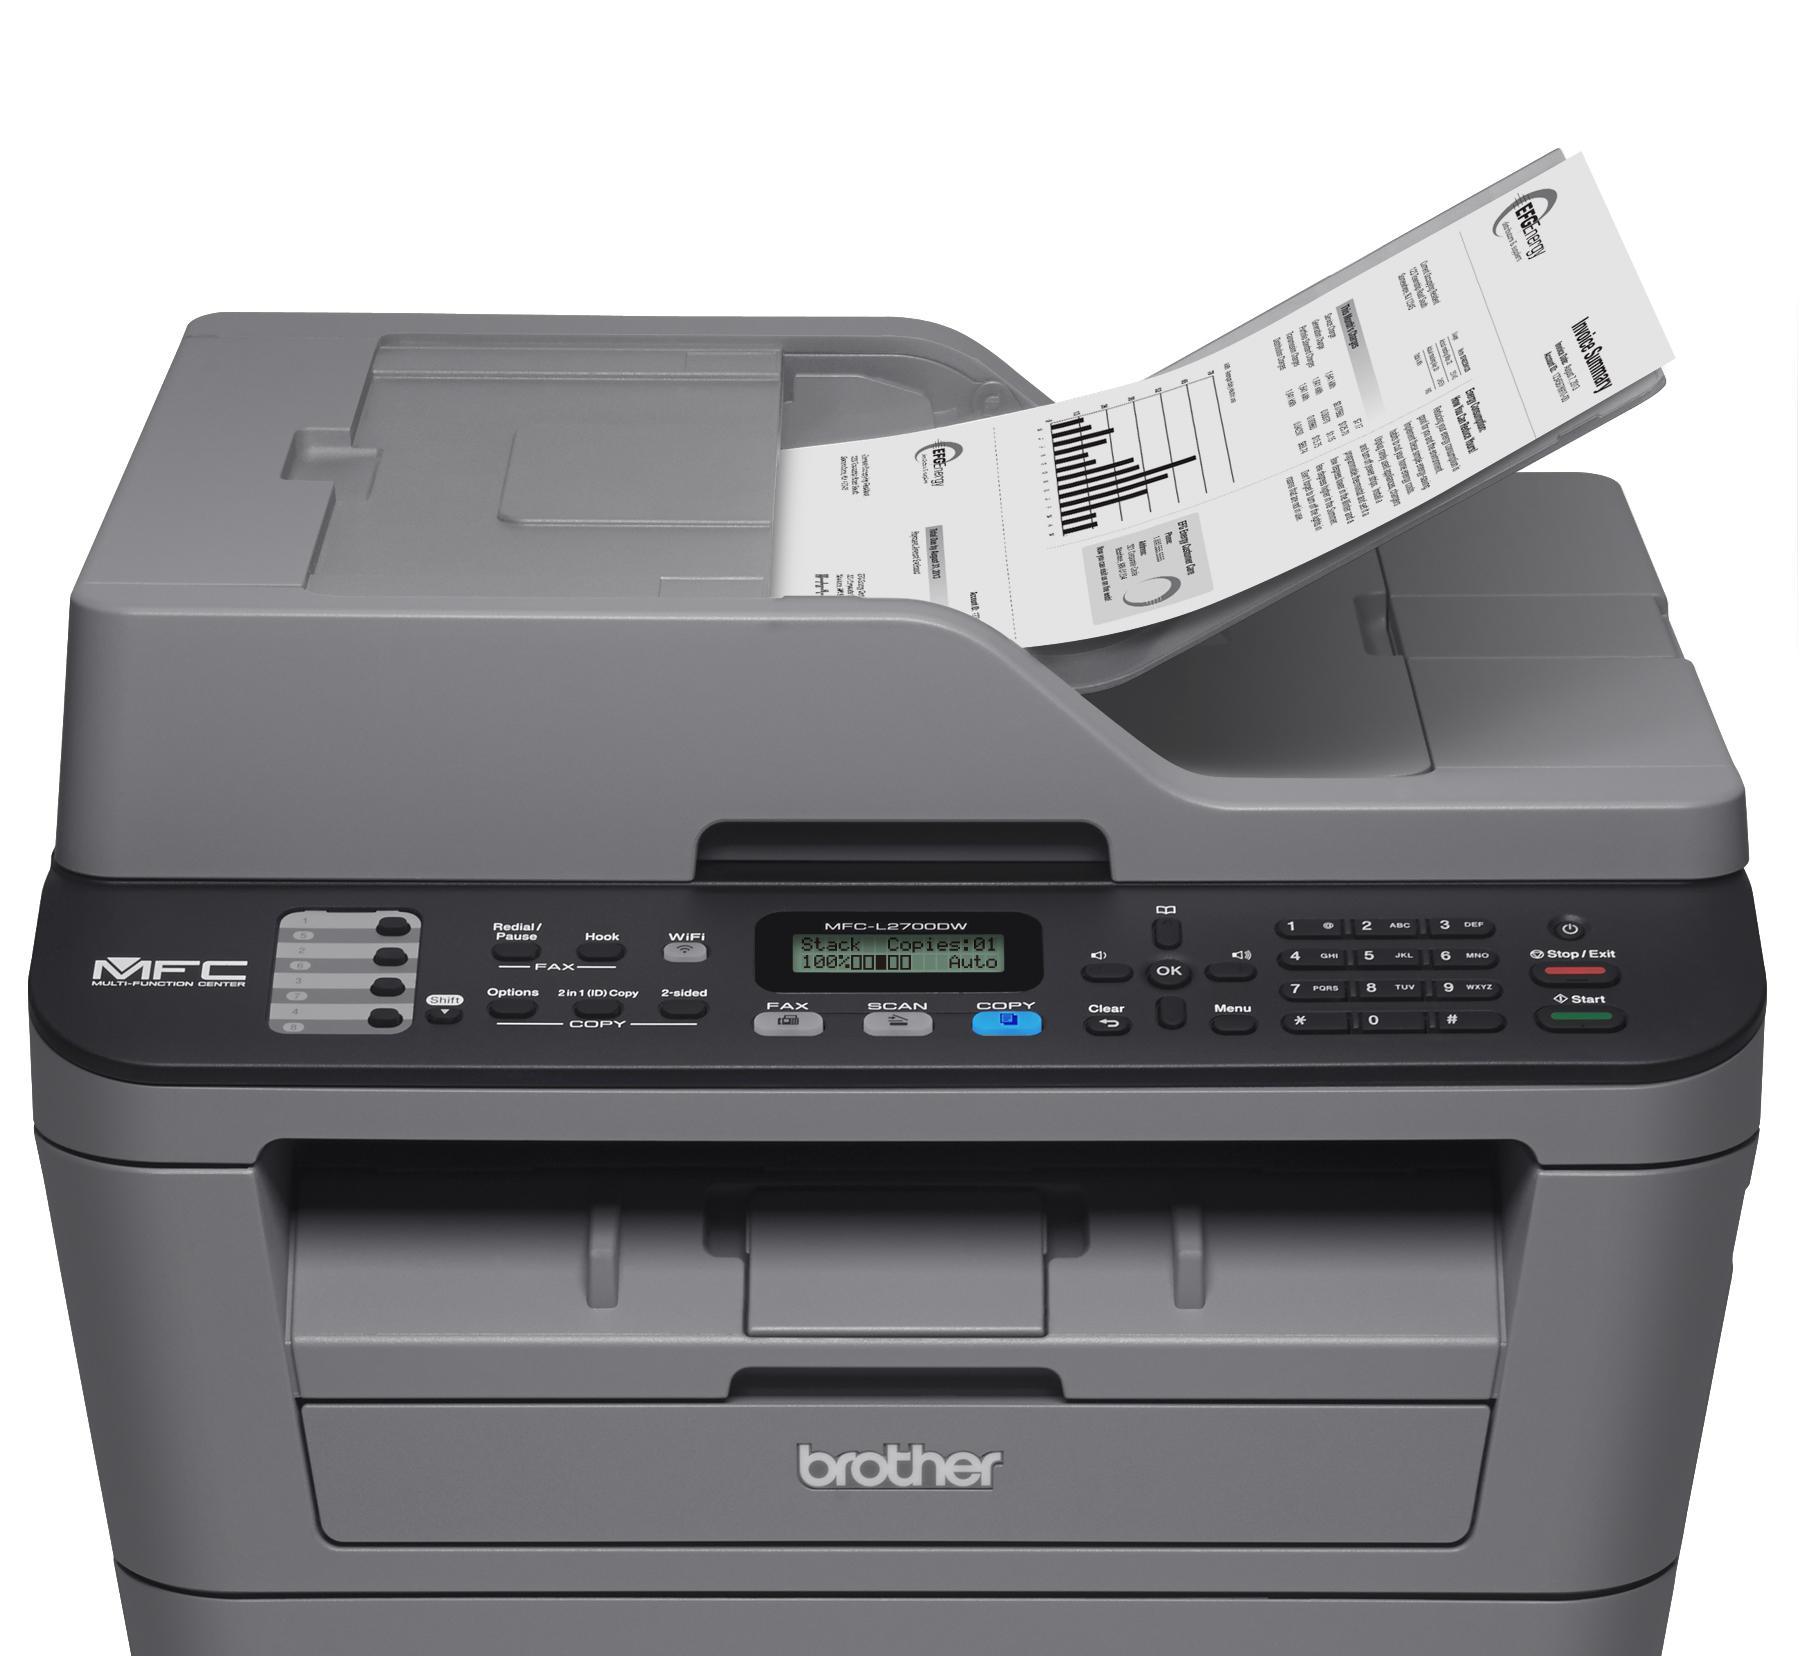 מדפסת משולבת   BROTHER MFC L2700DW  אלחוטי  VI